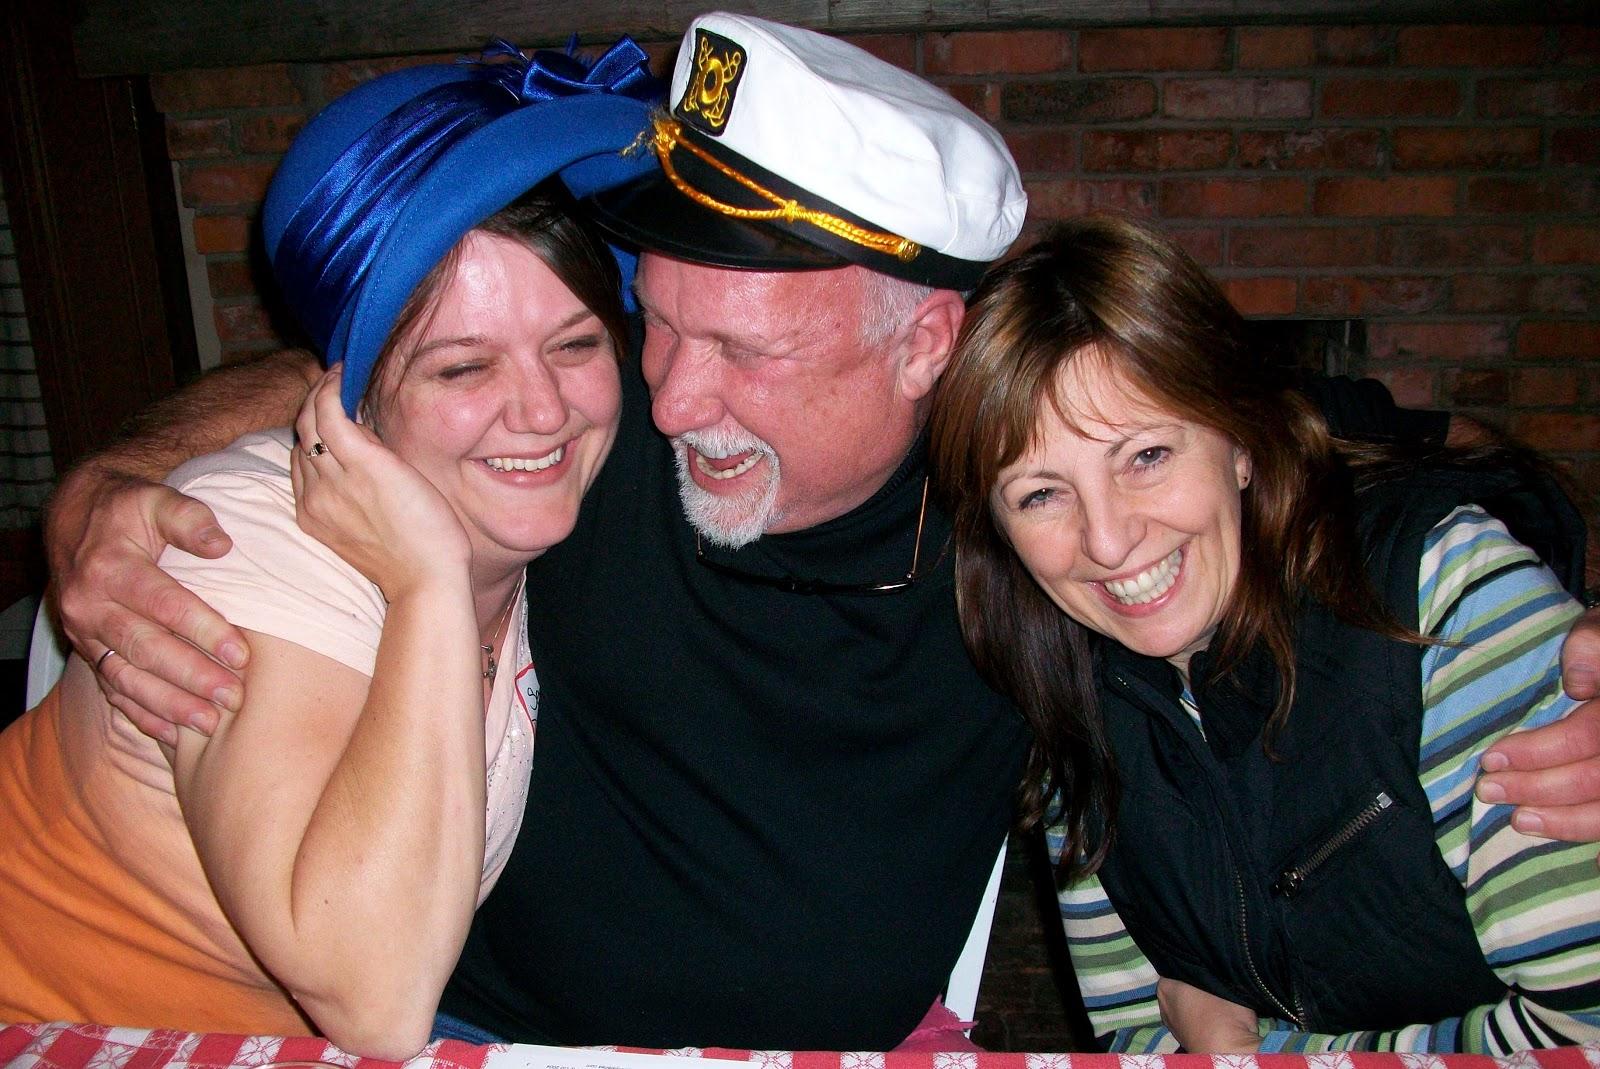 Happy Murder Mystery man and woman in fancy hats